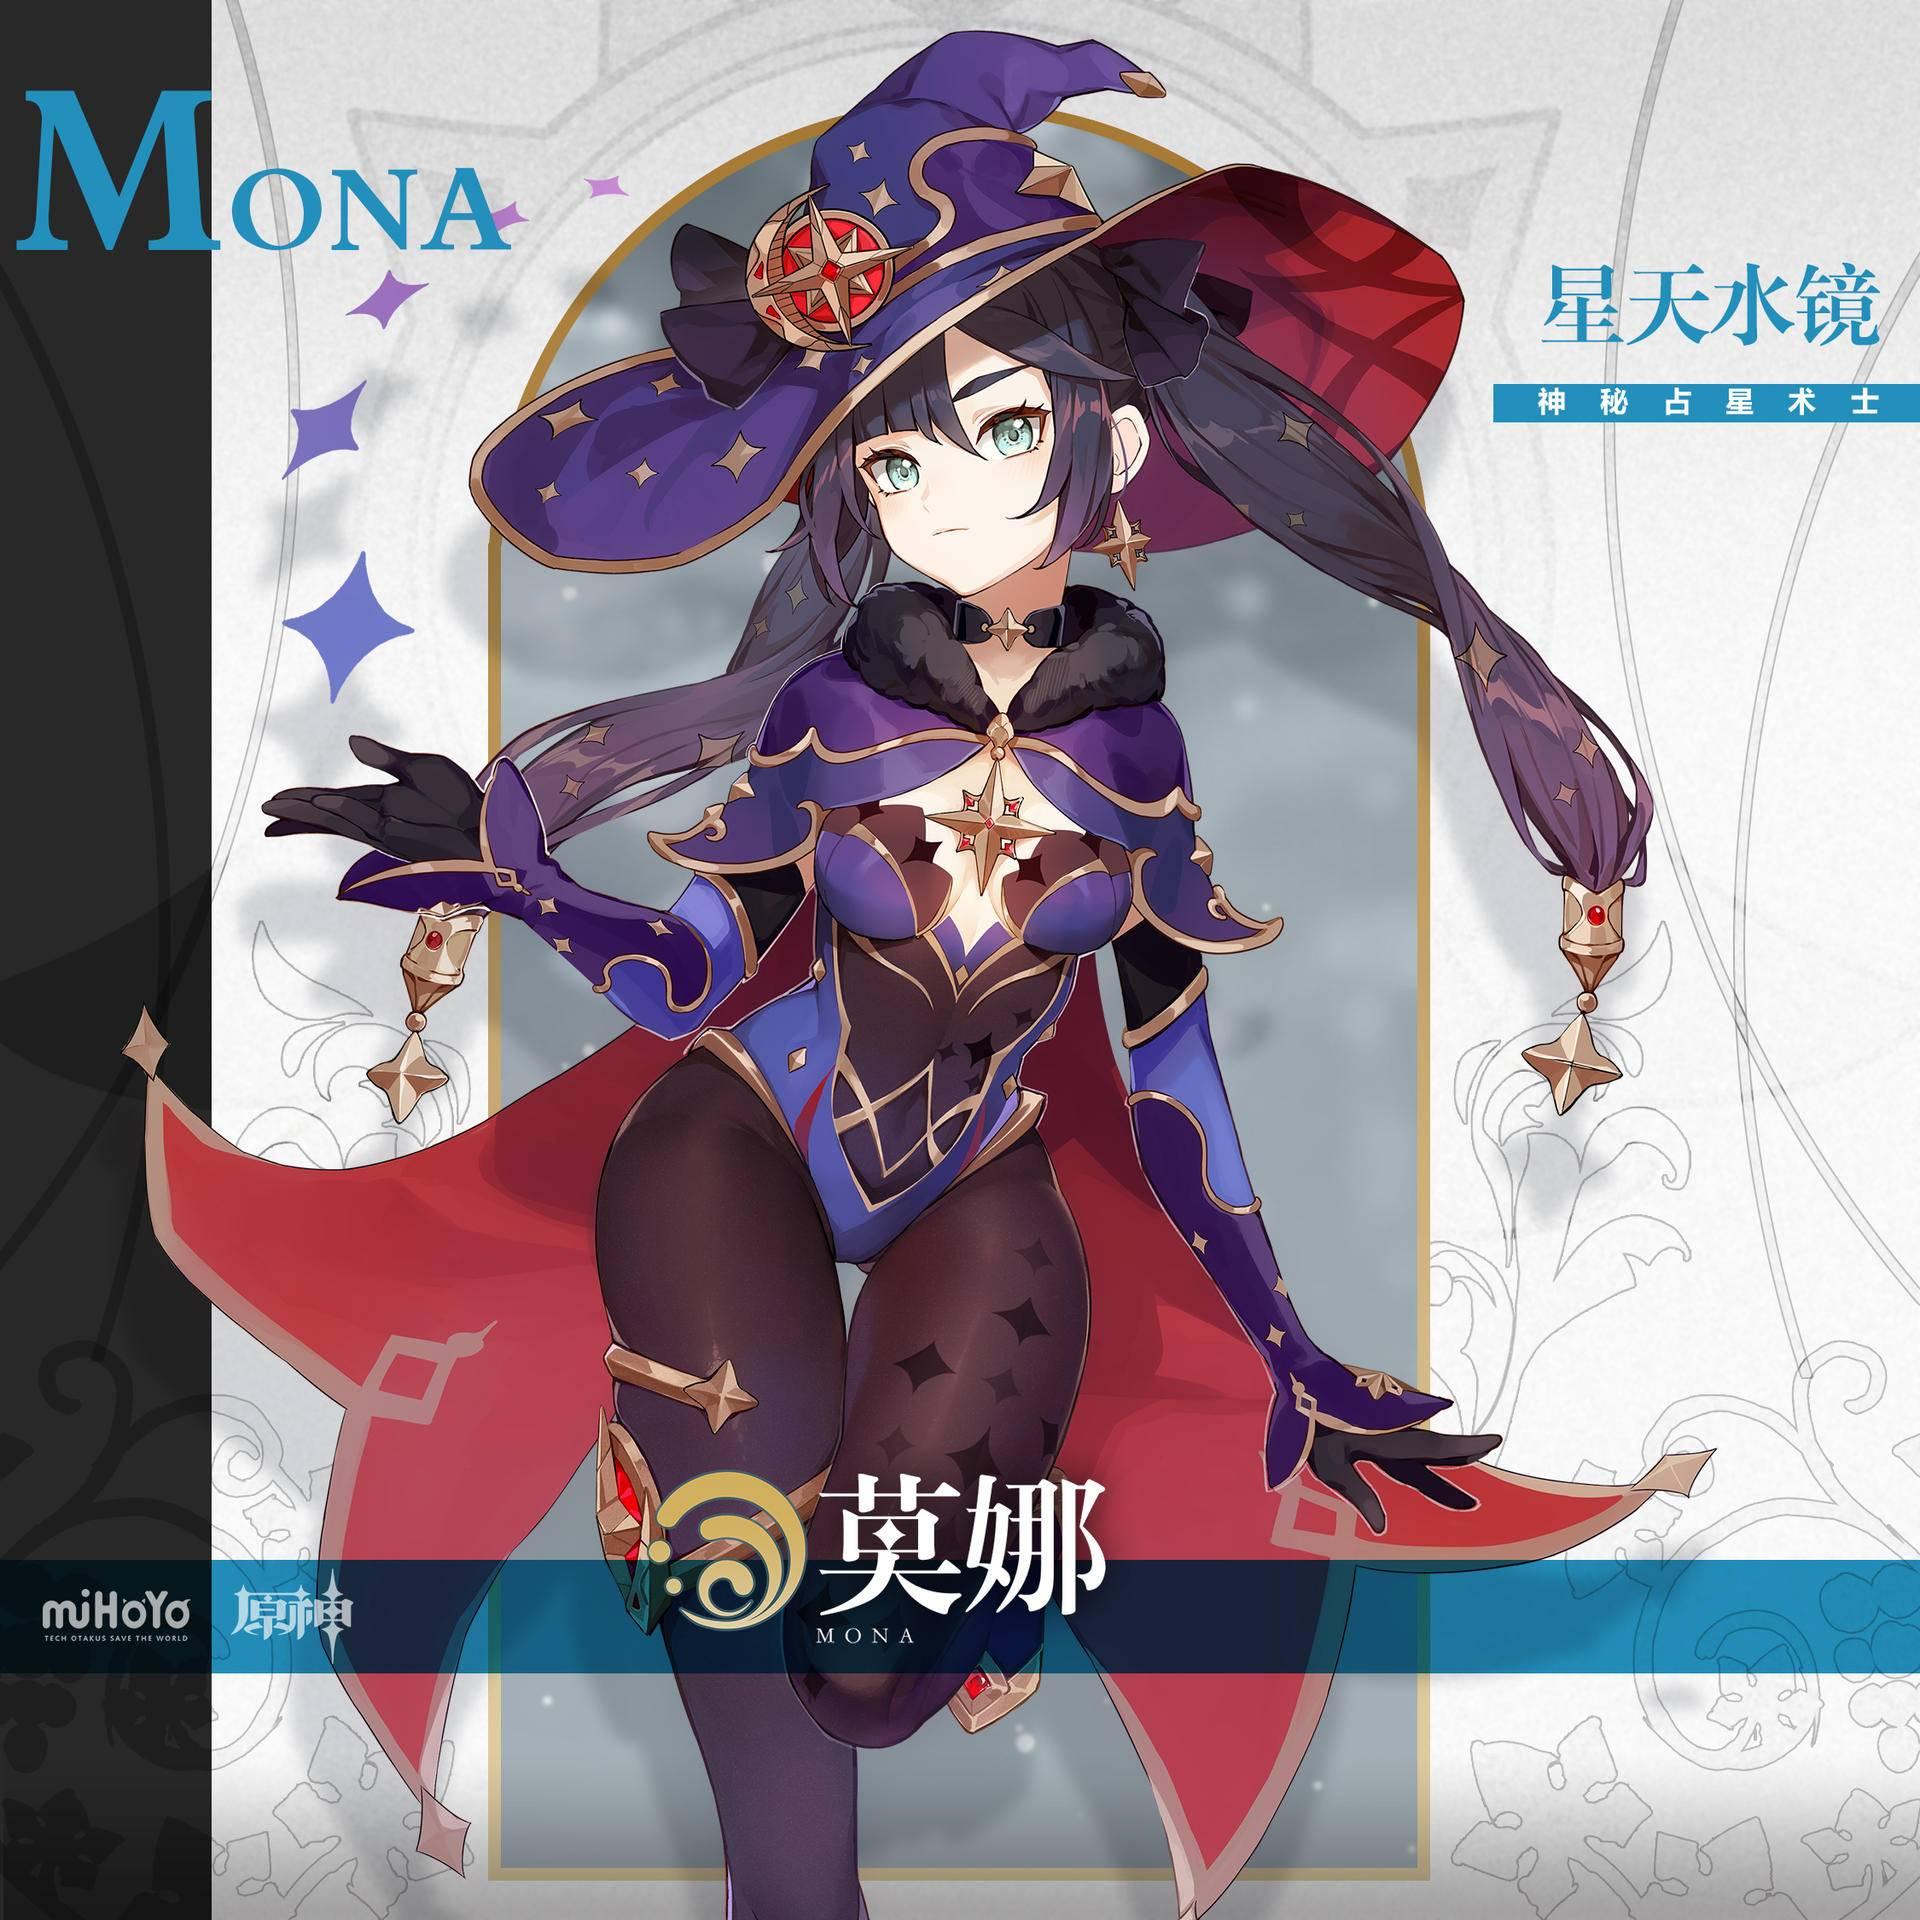 《原神》全新角色介绍- 「莫娜 命运与生活」